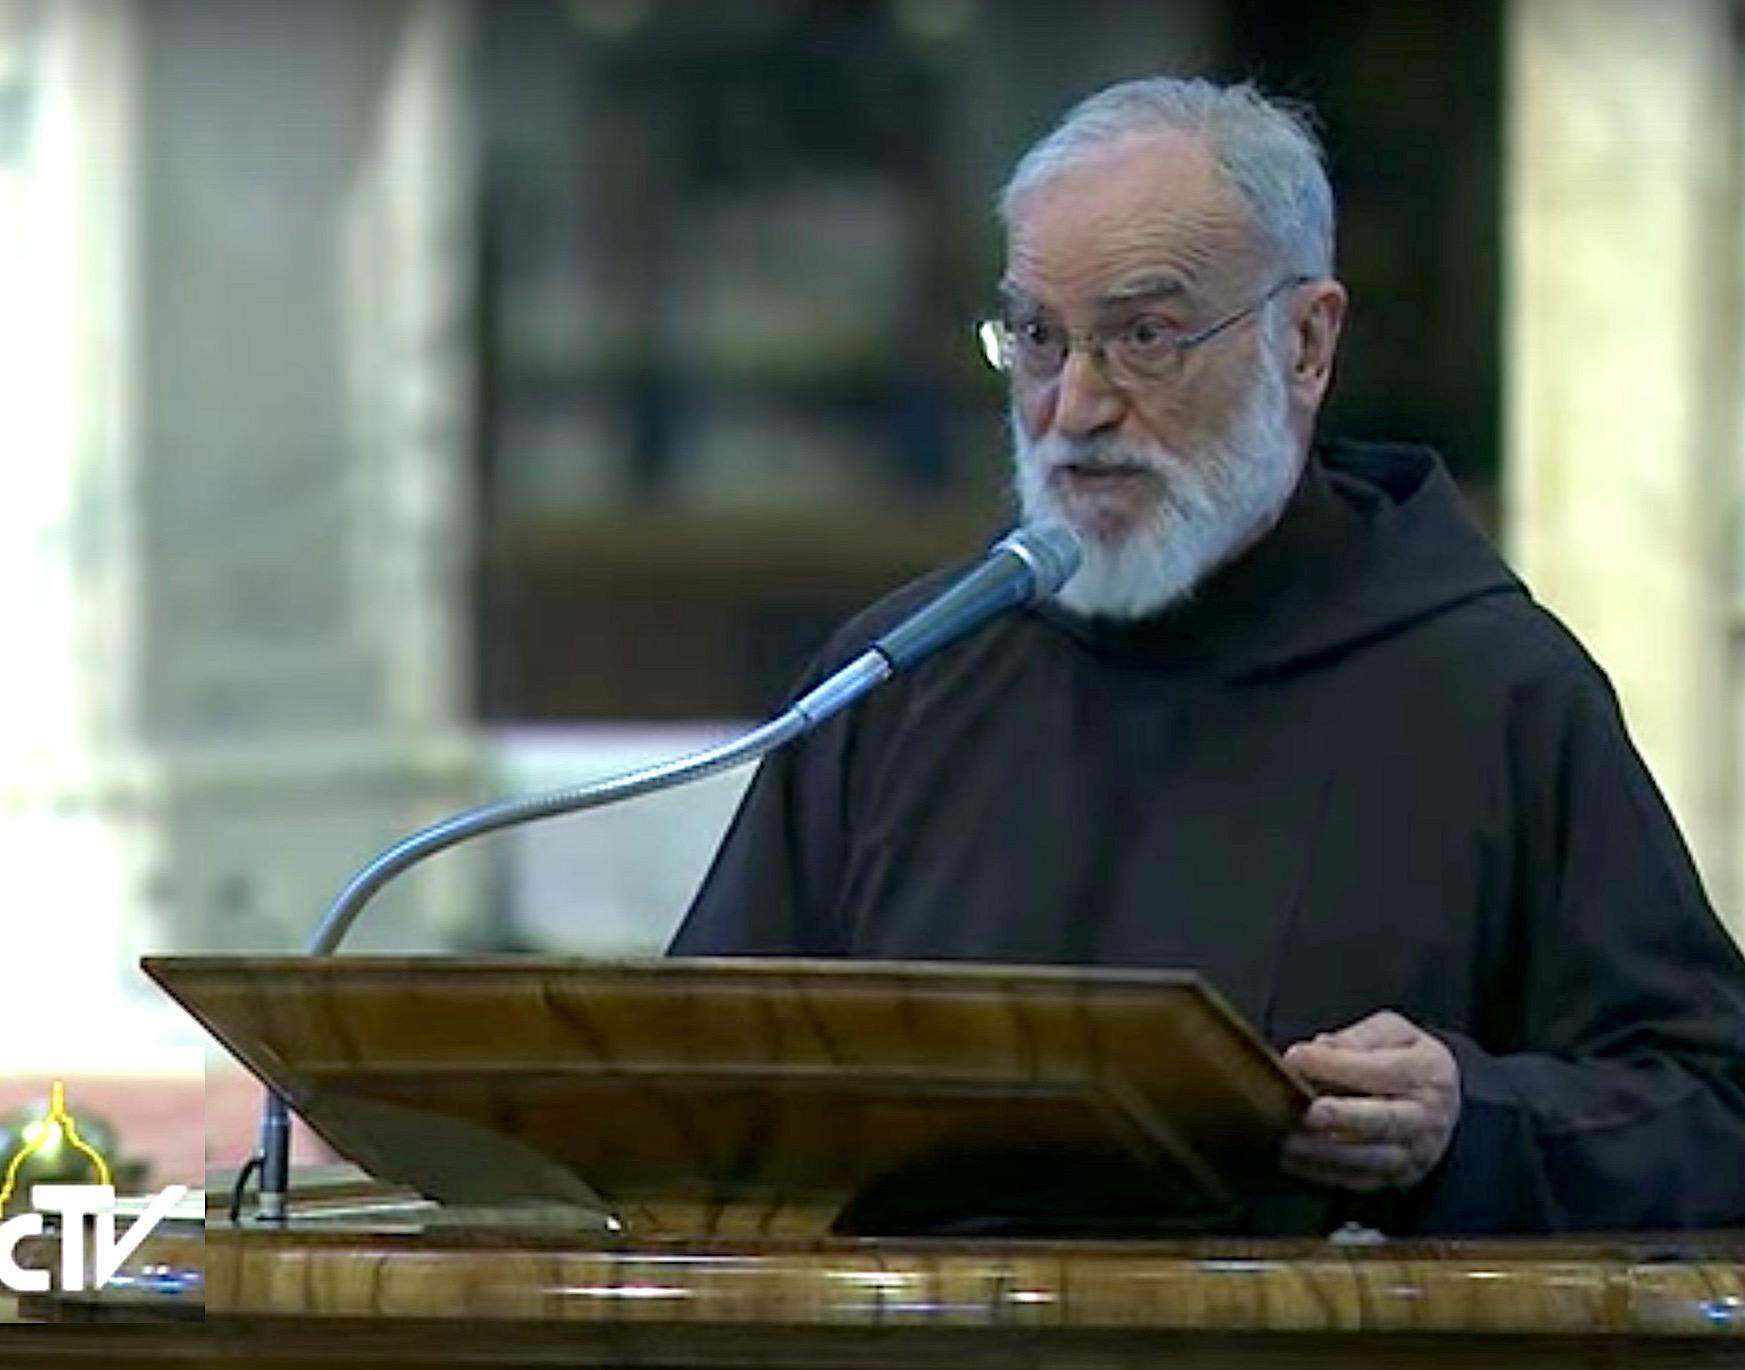 El capuchino Raniero Cantalamessa, en la predicación del Viernes Santo en la basílica de san Pedro, delante del papa Francisco